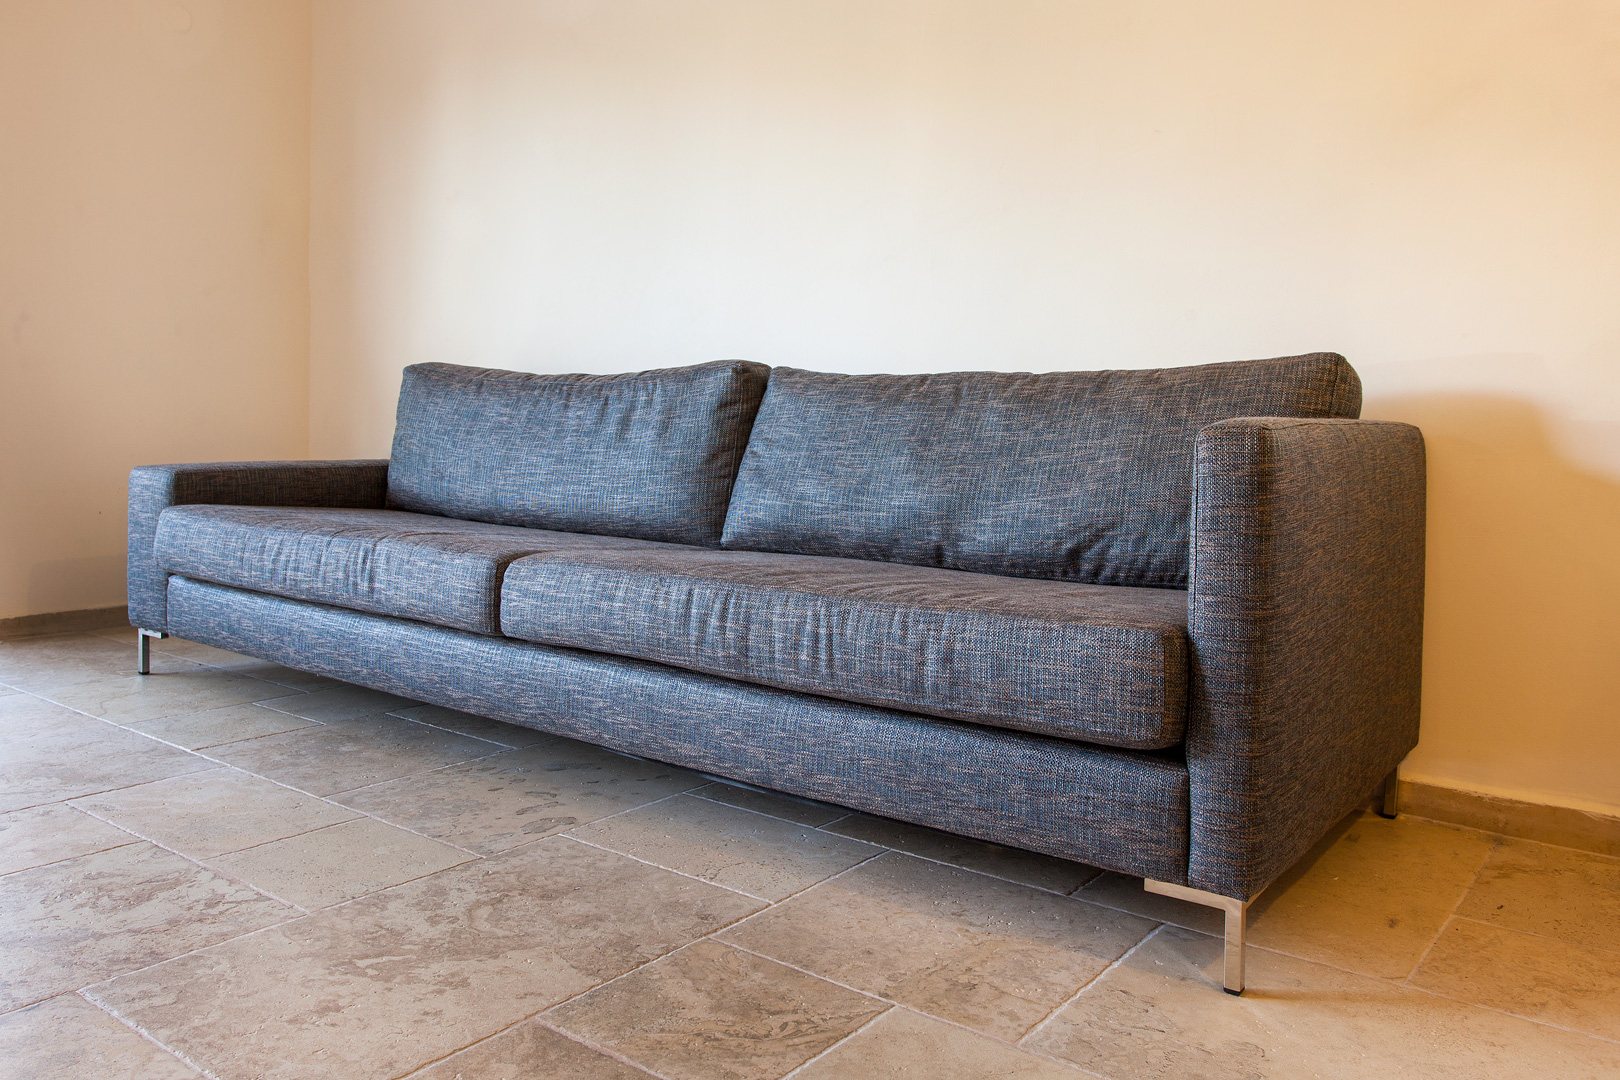 ספה בהתאמה אישית - יוניק דברים מיוחדים 2